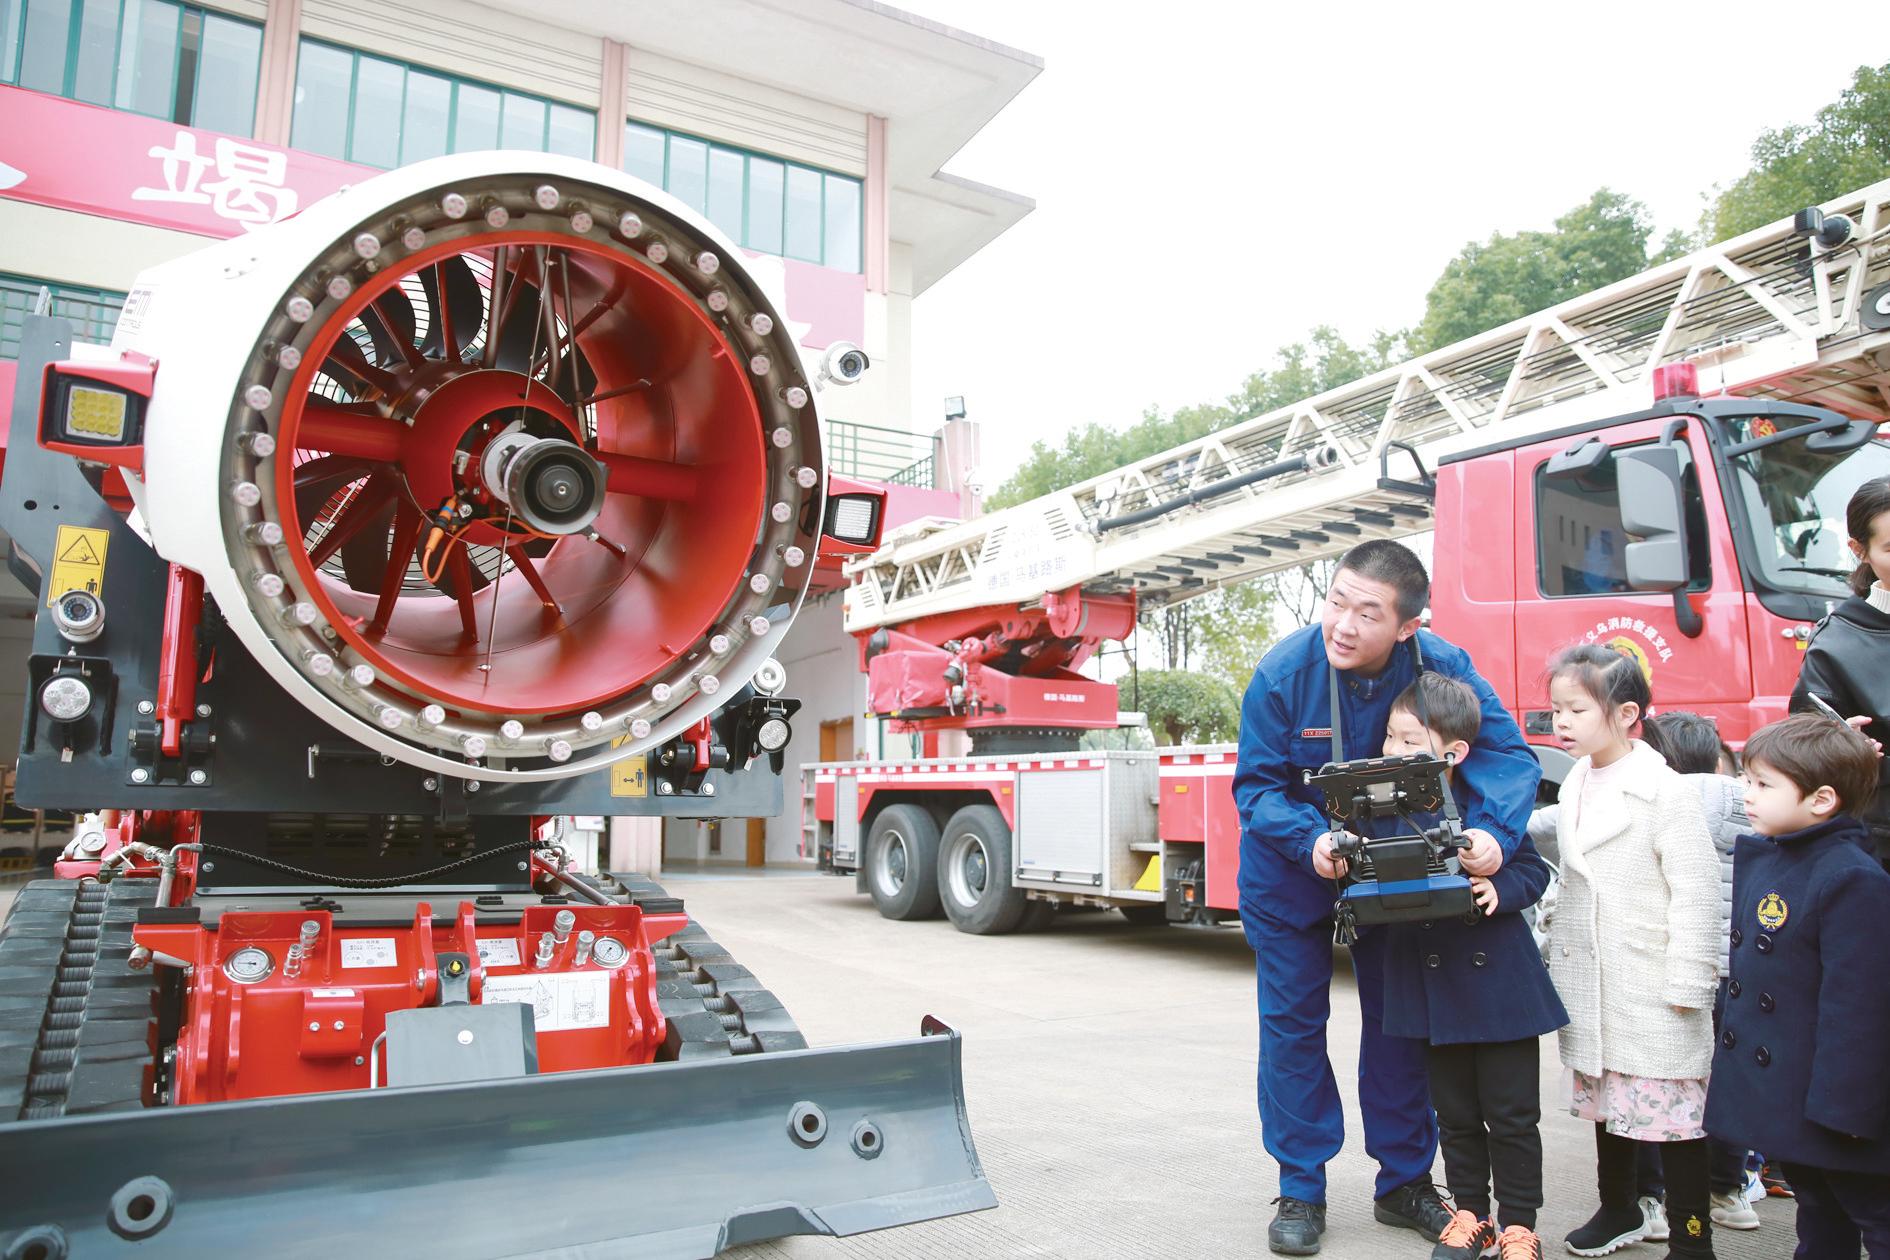 义乌:百余名中外幼儿乐享消防科技盛宴